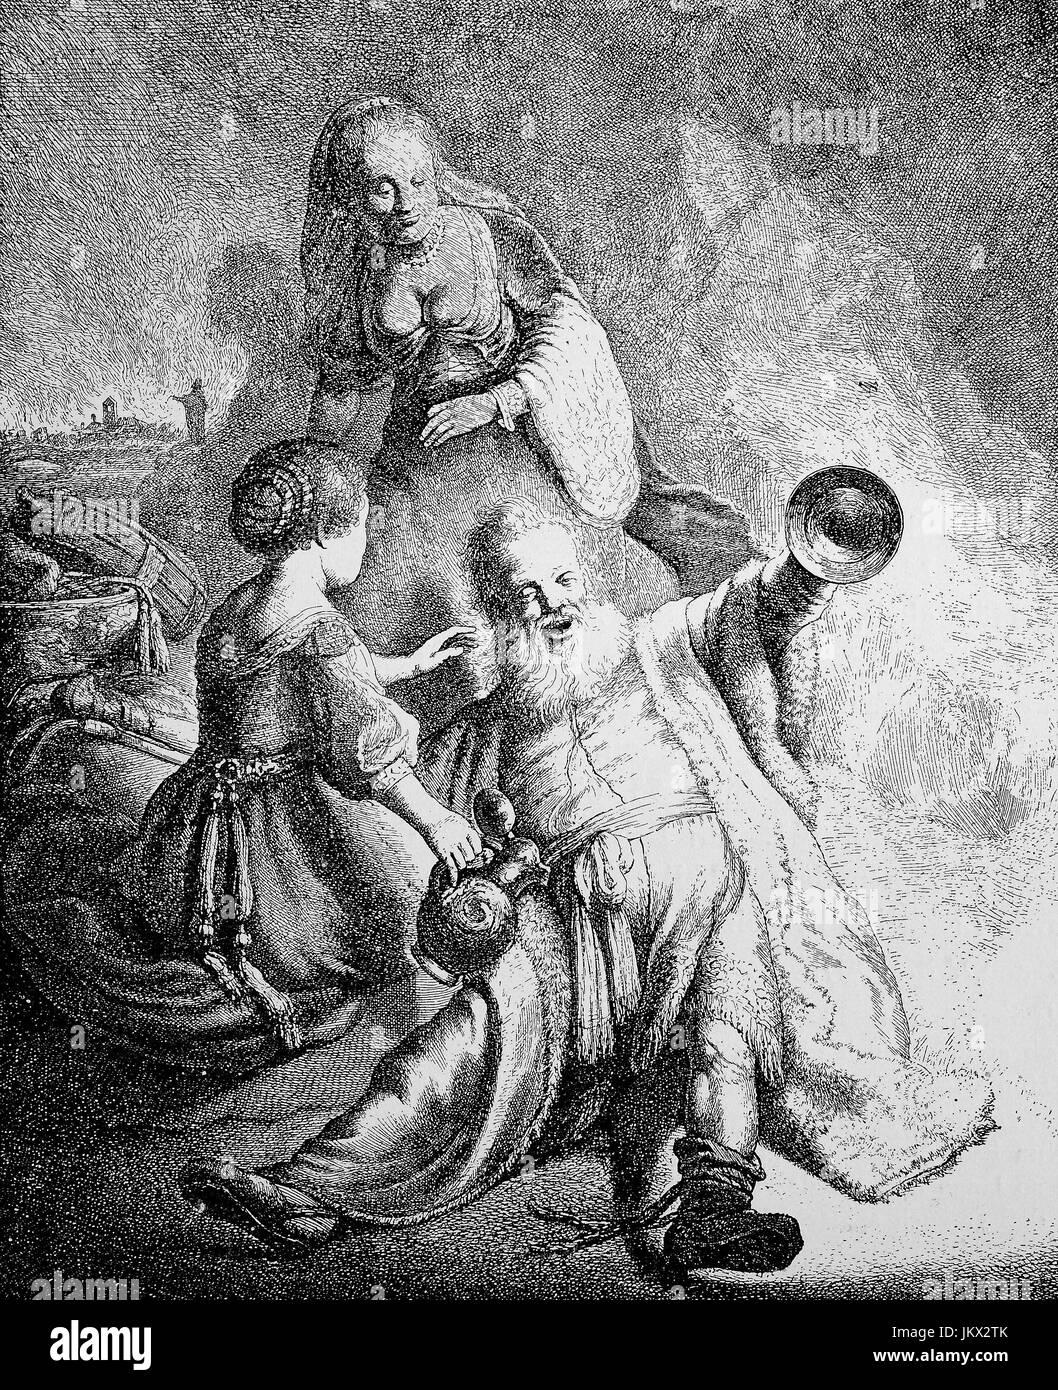 Amélioration numérique: l'ivrogne, Loth, un homme ivre avec deux dames, gravure sur cuivre par J. G. van Vliet après l'original de Rembrandt, 1631, Lot était un patriarche dans le Livre biblique de la Genèse, de la publication de l'année 1882 Banque D'Images